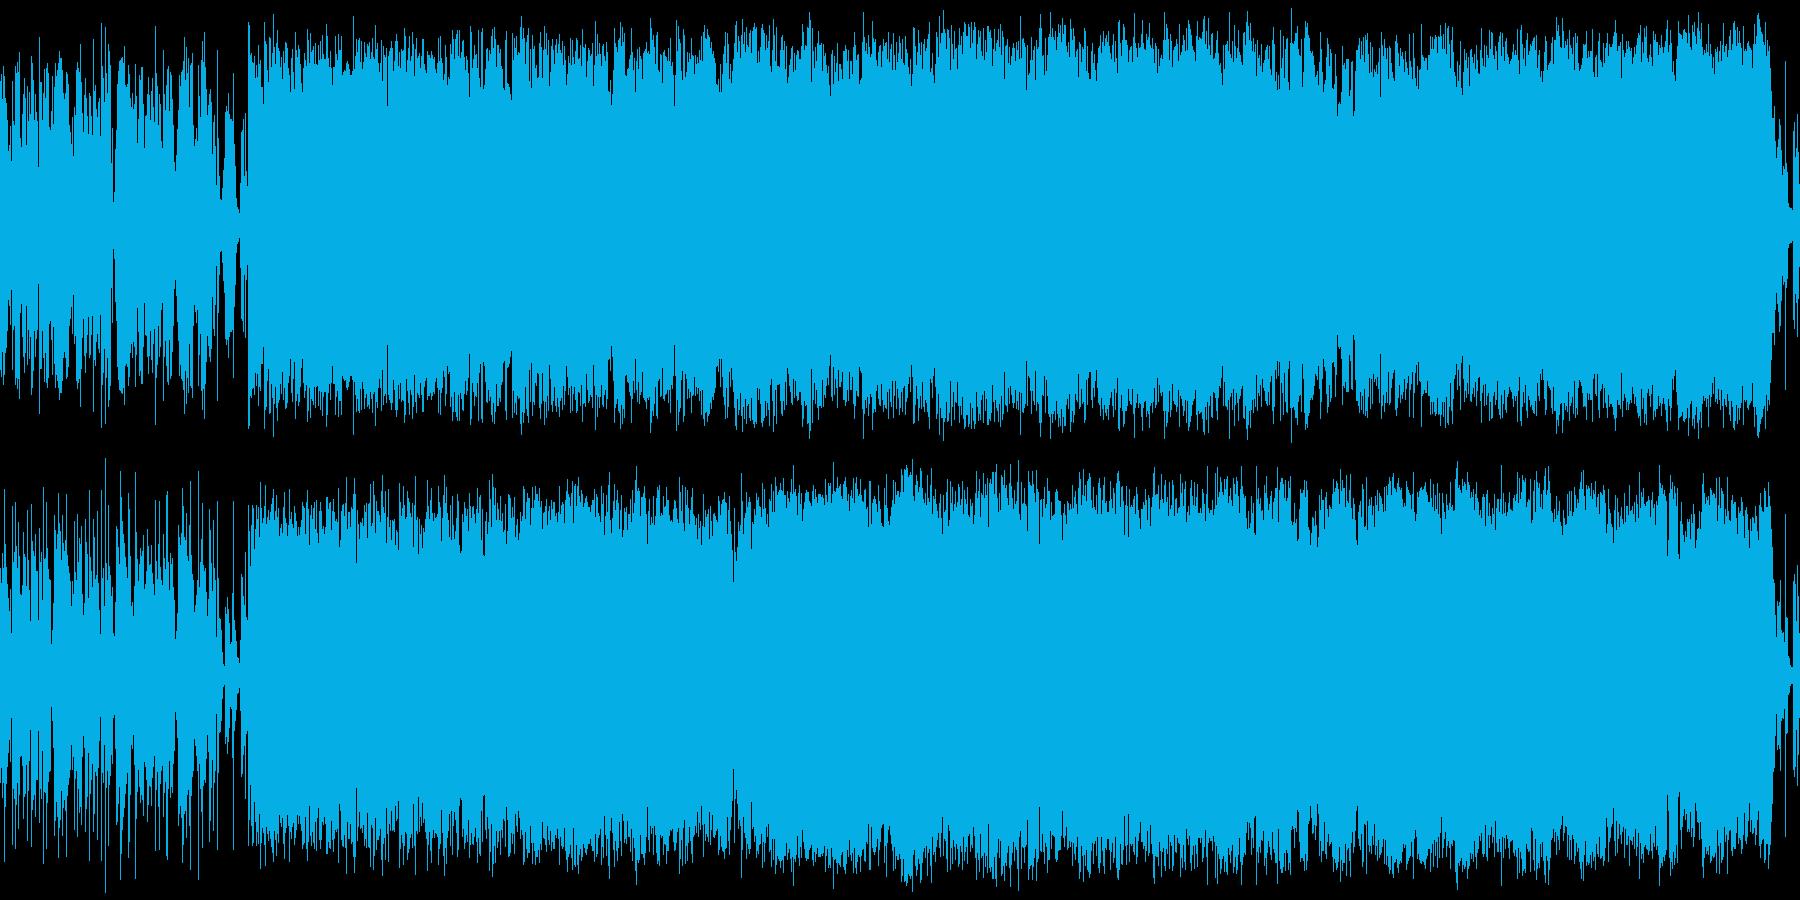 シリアス、緊迫感のあるサントラ風BGMの再生済みの波形